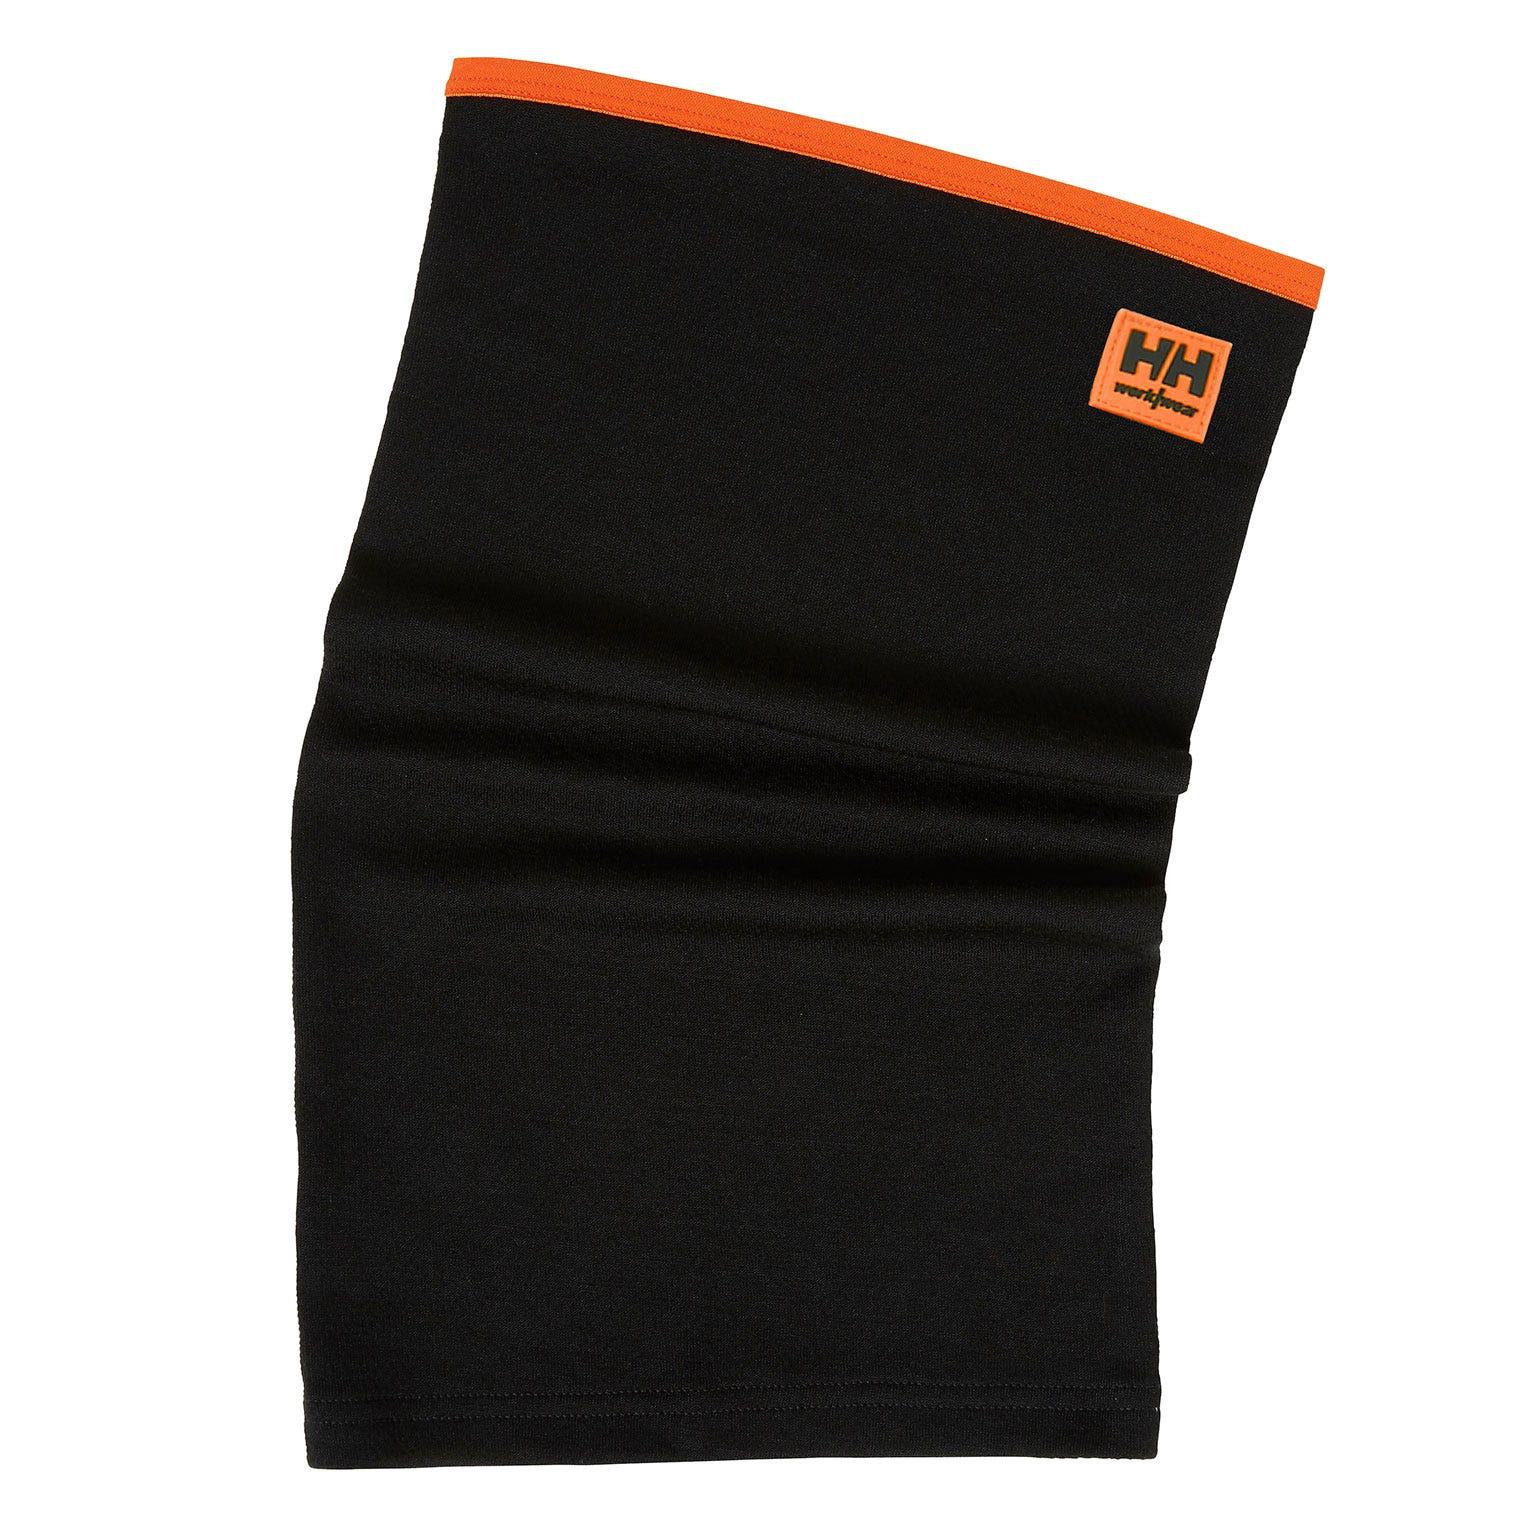 HH Workwear Helly Hansen WorkwearHH Lifa Max Neck Gaiter Black STD